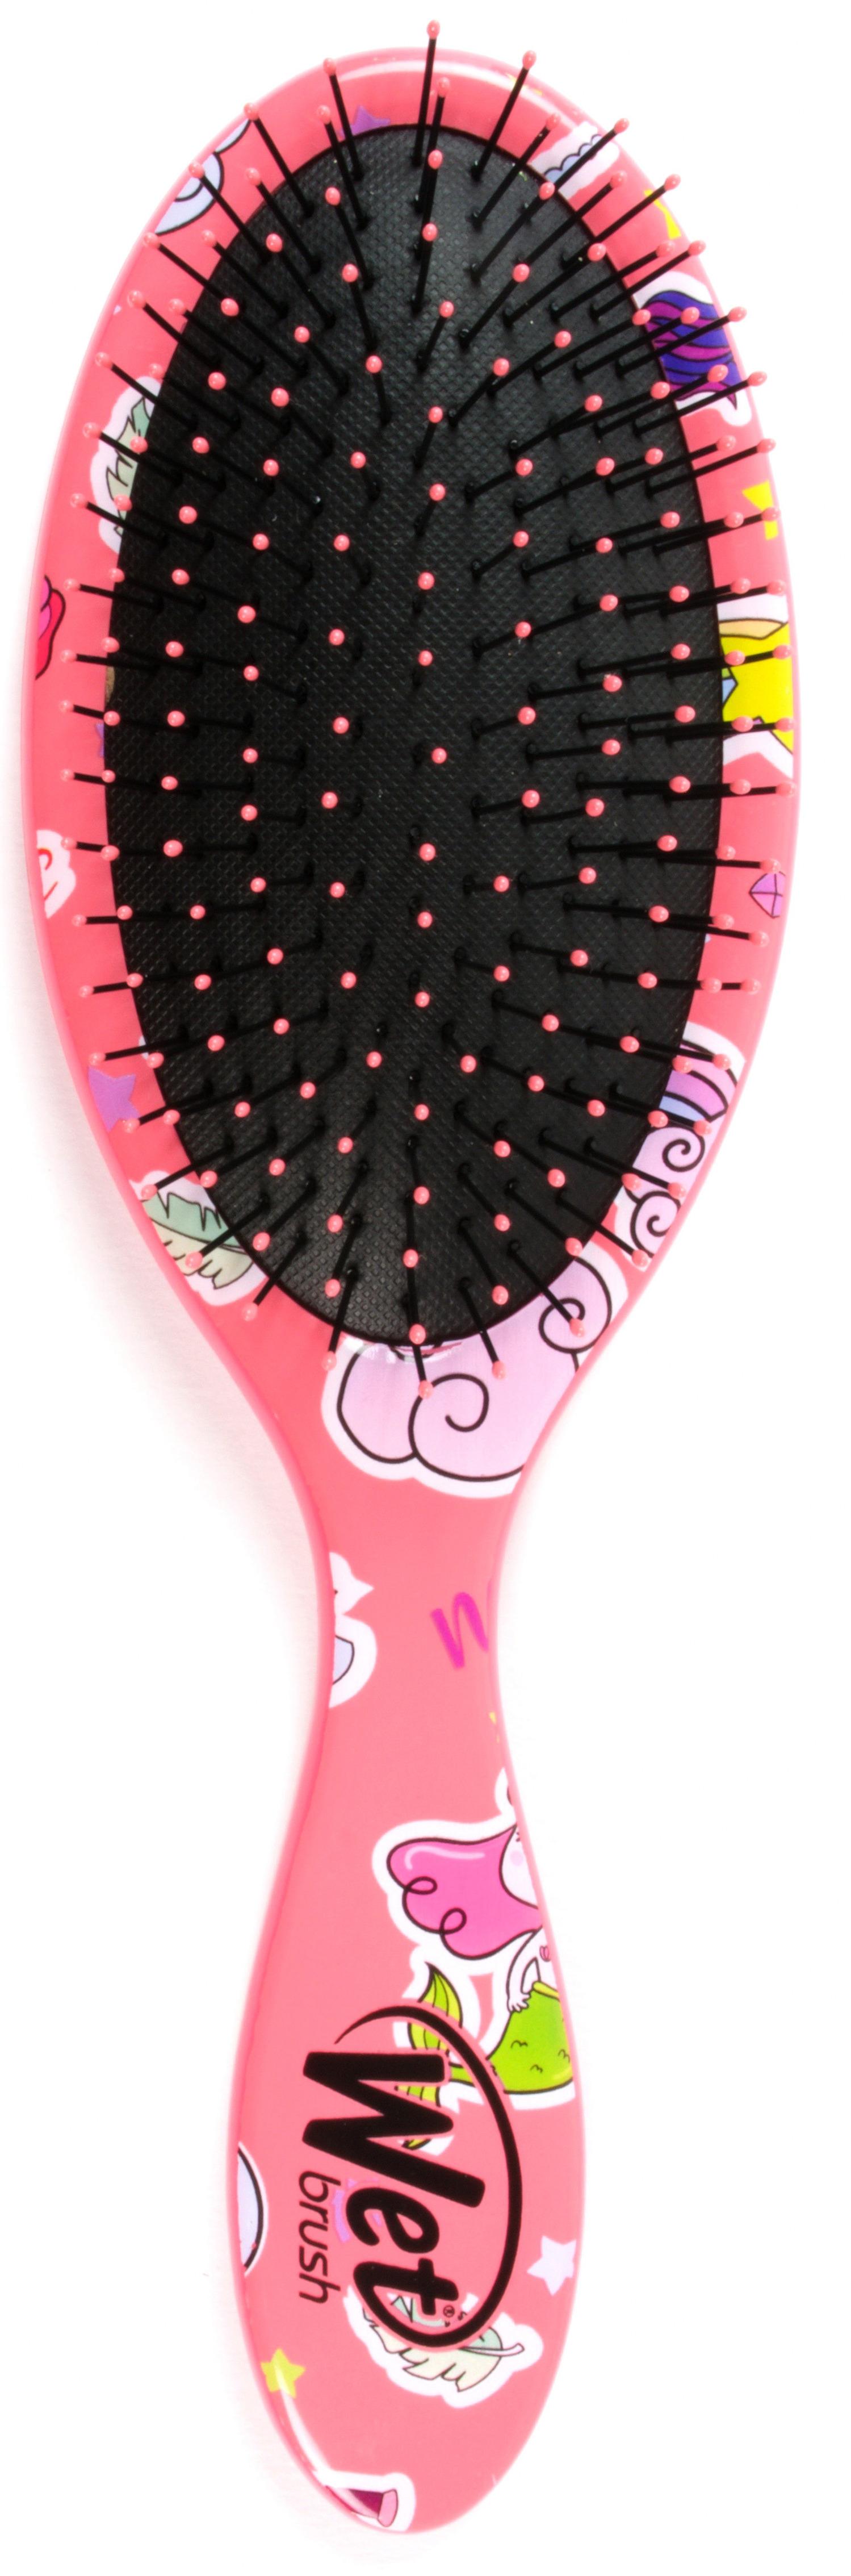 Wet Brush Щетка для спутанных волос, розовый единорог / WETBRUSH HAPPY HAIR FANTASY - Щетки